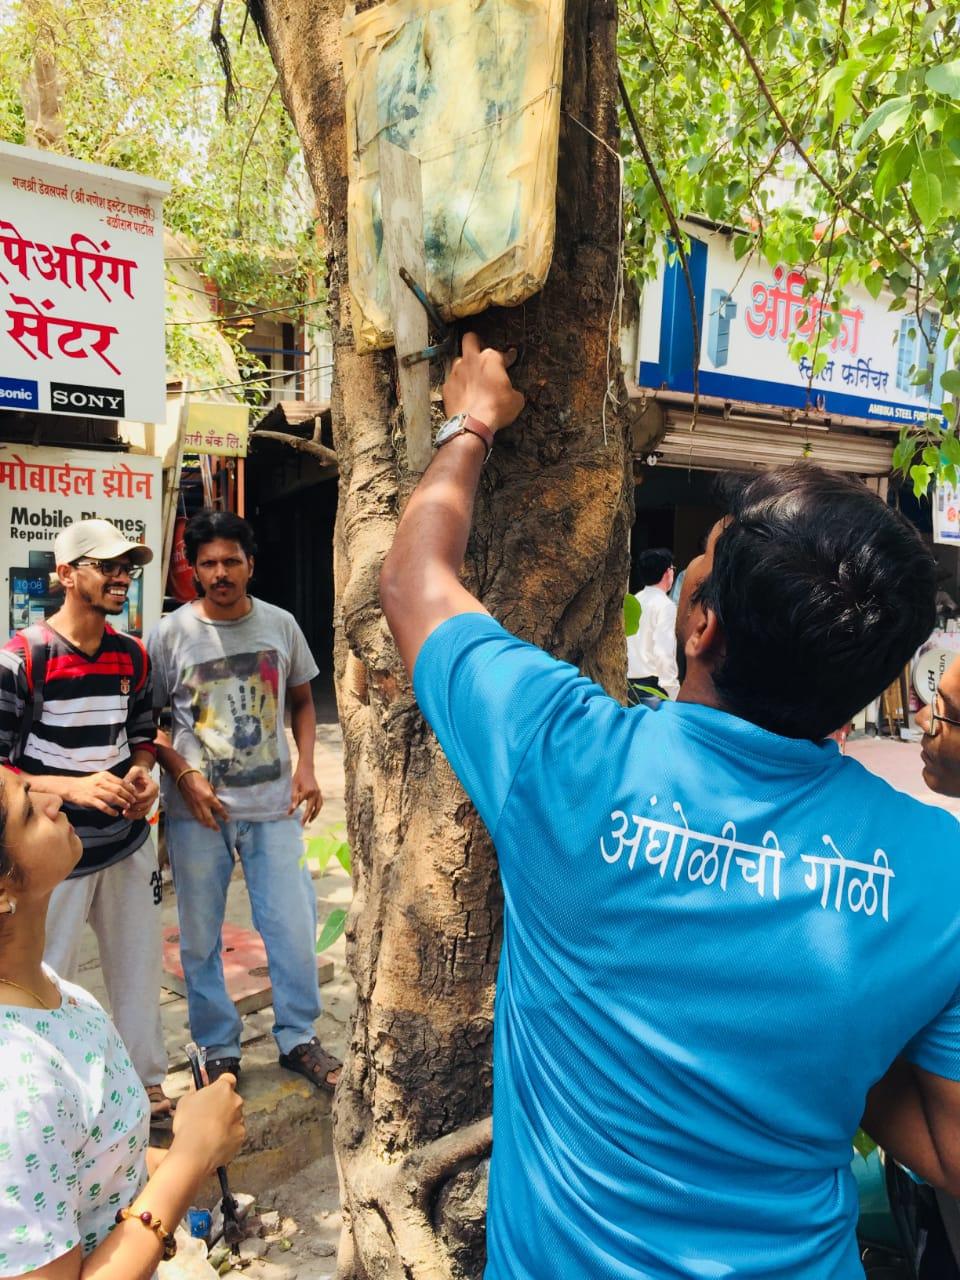 पर्यावरण दिन विशेष: मुंबईतल्या तरुणांनी केलं झाडांना वेदनामुक्त